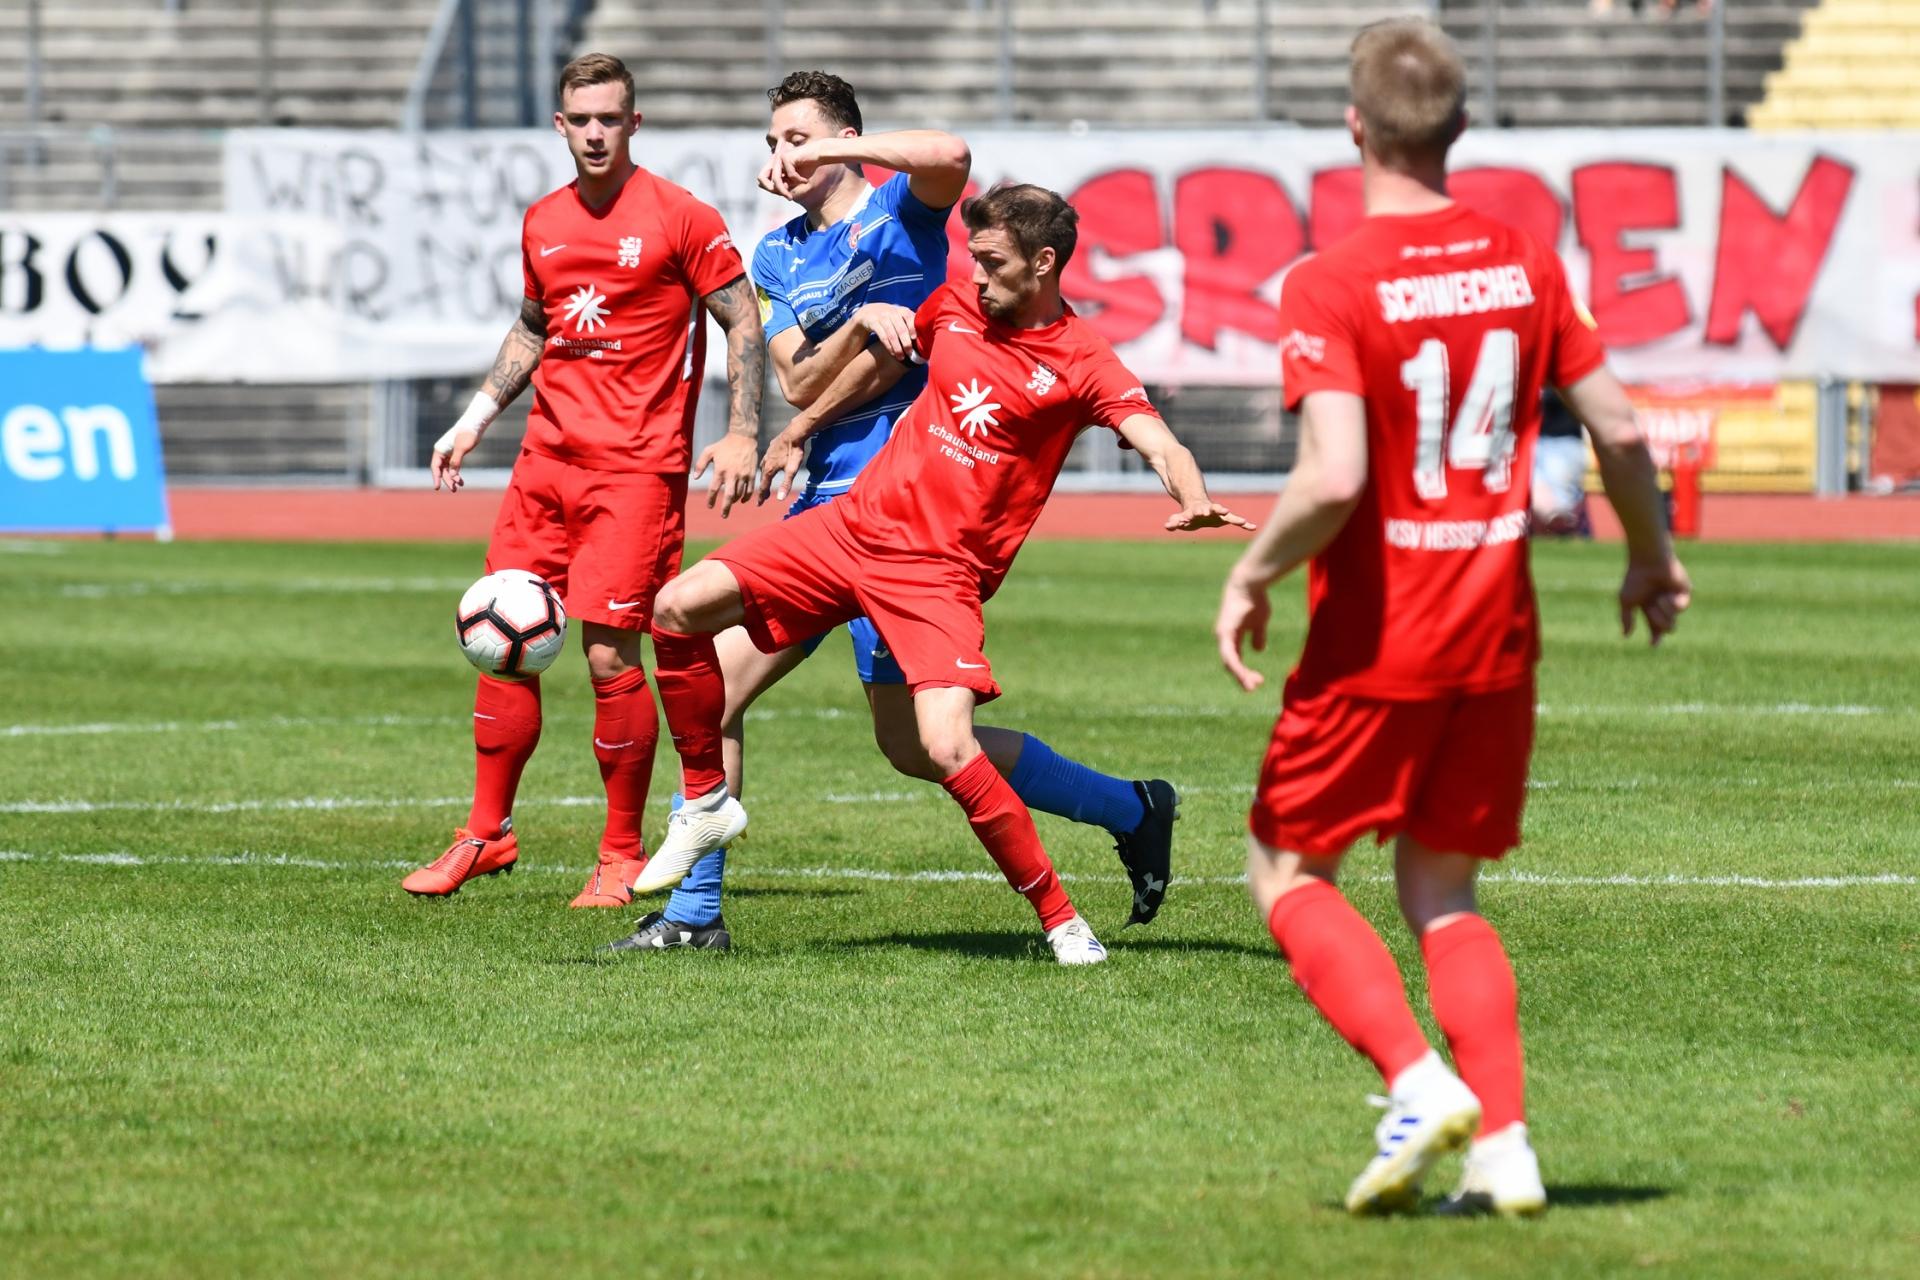 Lotto Hessenliga 2018/2019, KSV Hessen Kassel, T�rk G�c� Friedberg, Endstand 4:0, Frederic Brill (KSV Hessen Kassel)